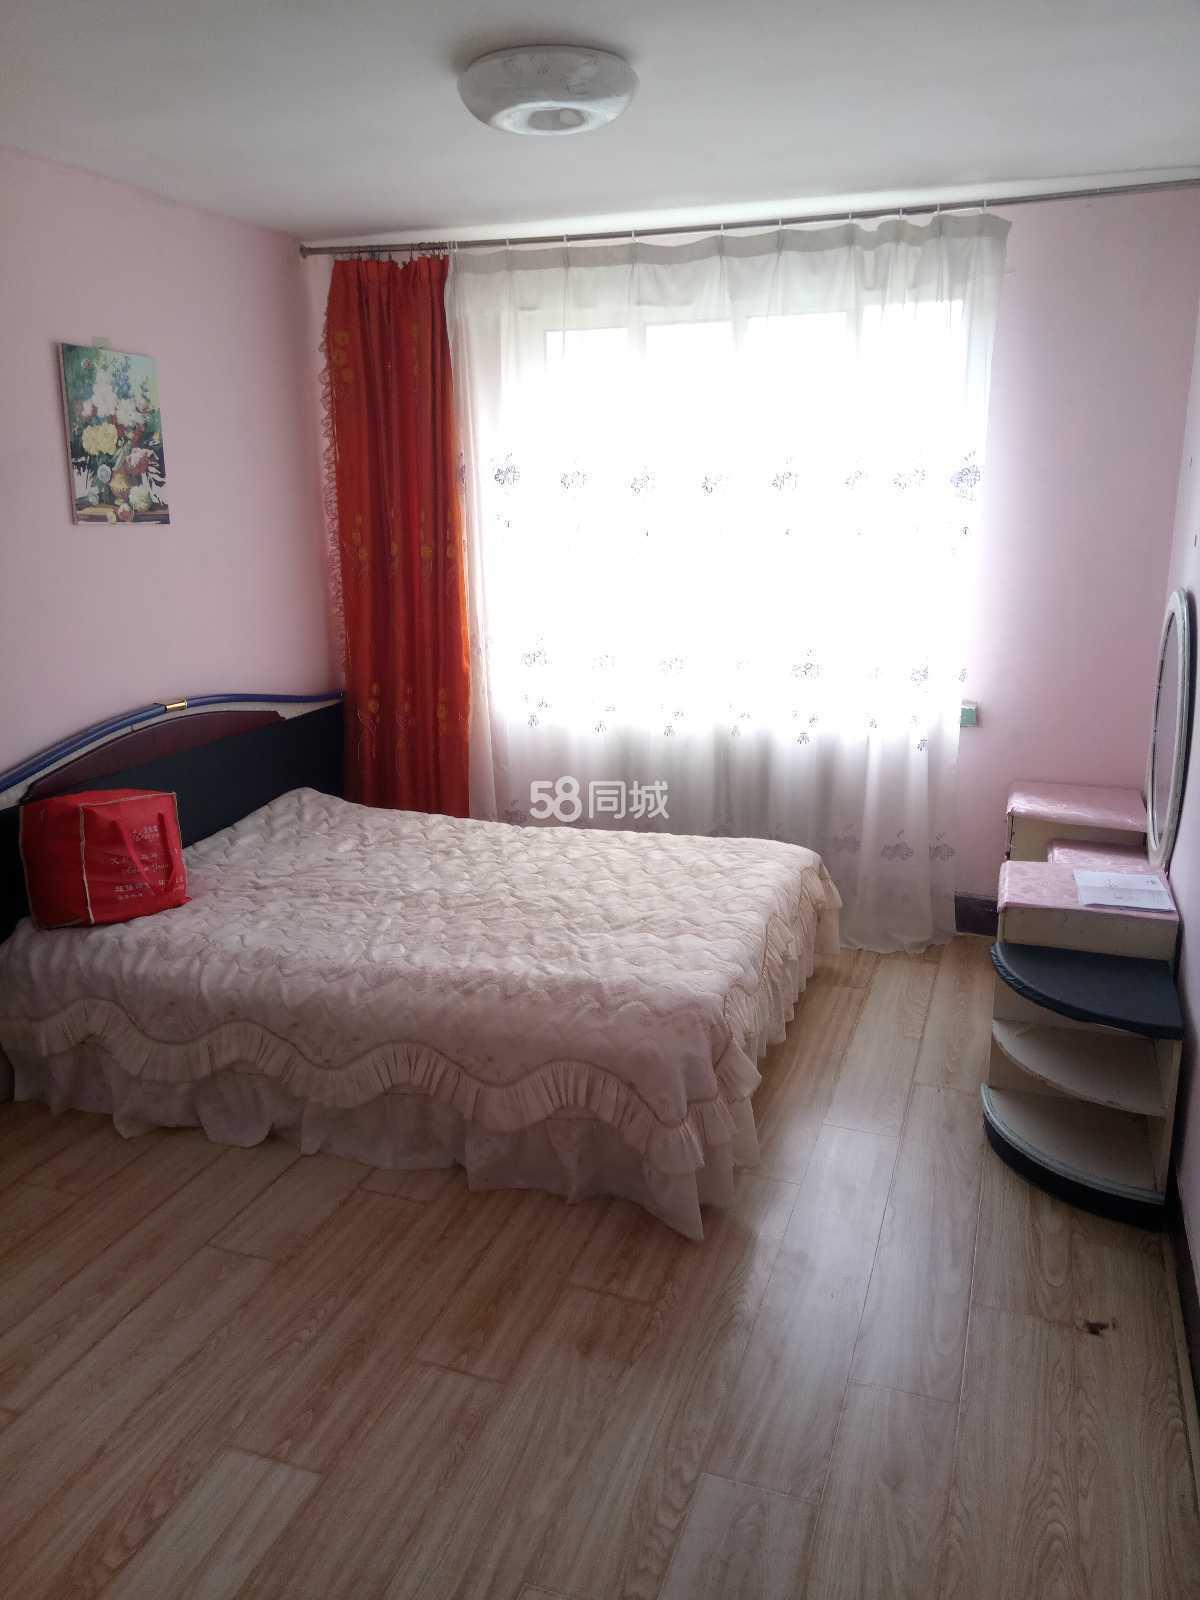 乐安里带洗衣机热水器可季度租3层1室1厅1卫